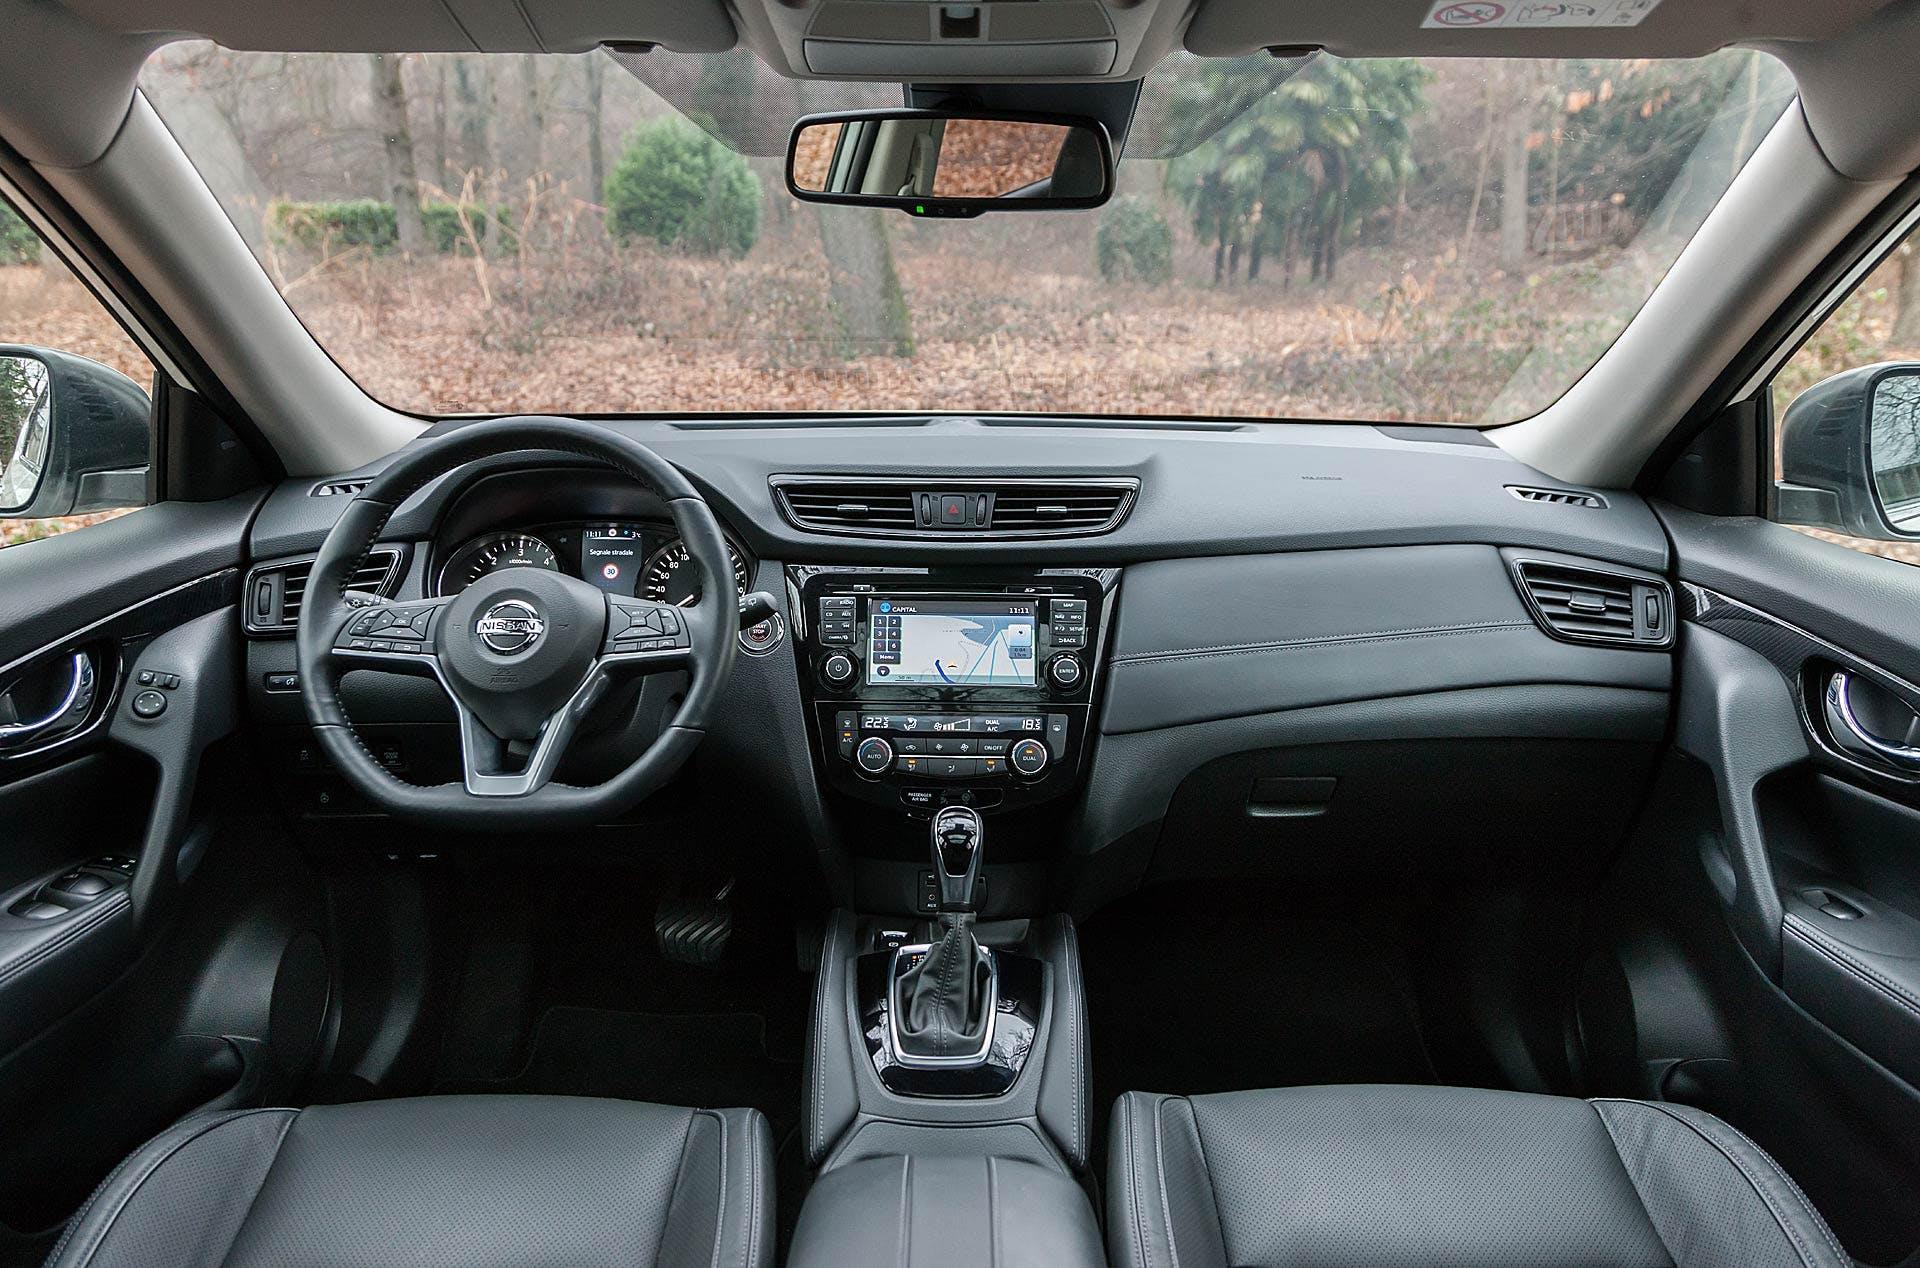 Nissan X-Trail 1.6 dCi 130 CVT 2WD Tekna interni